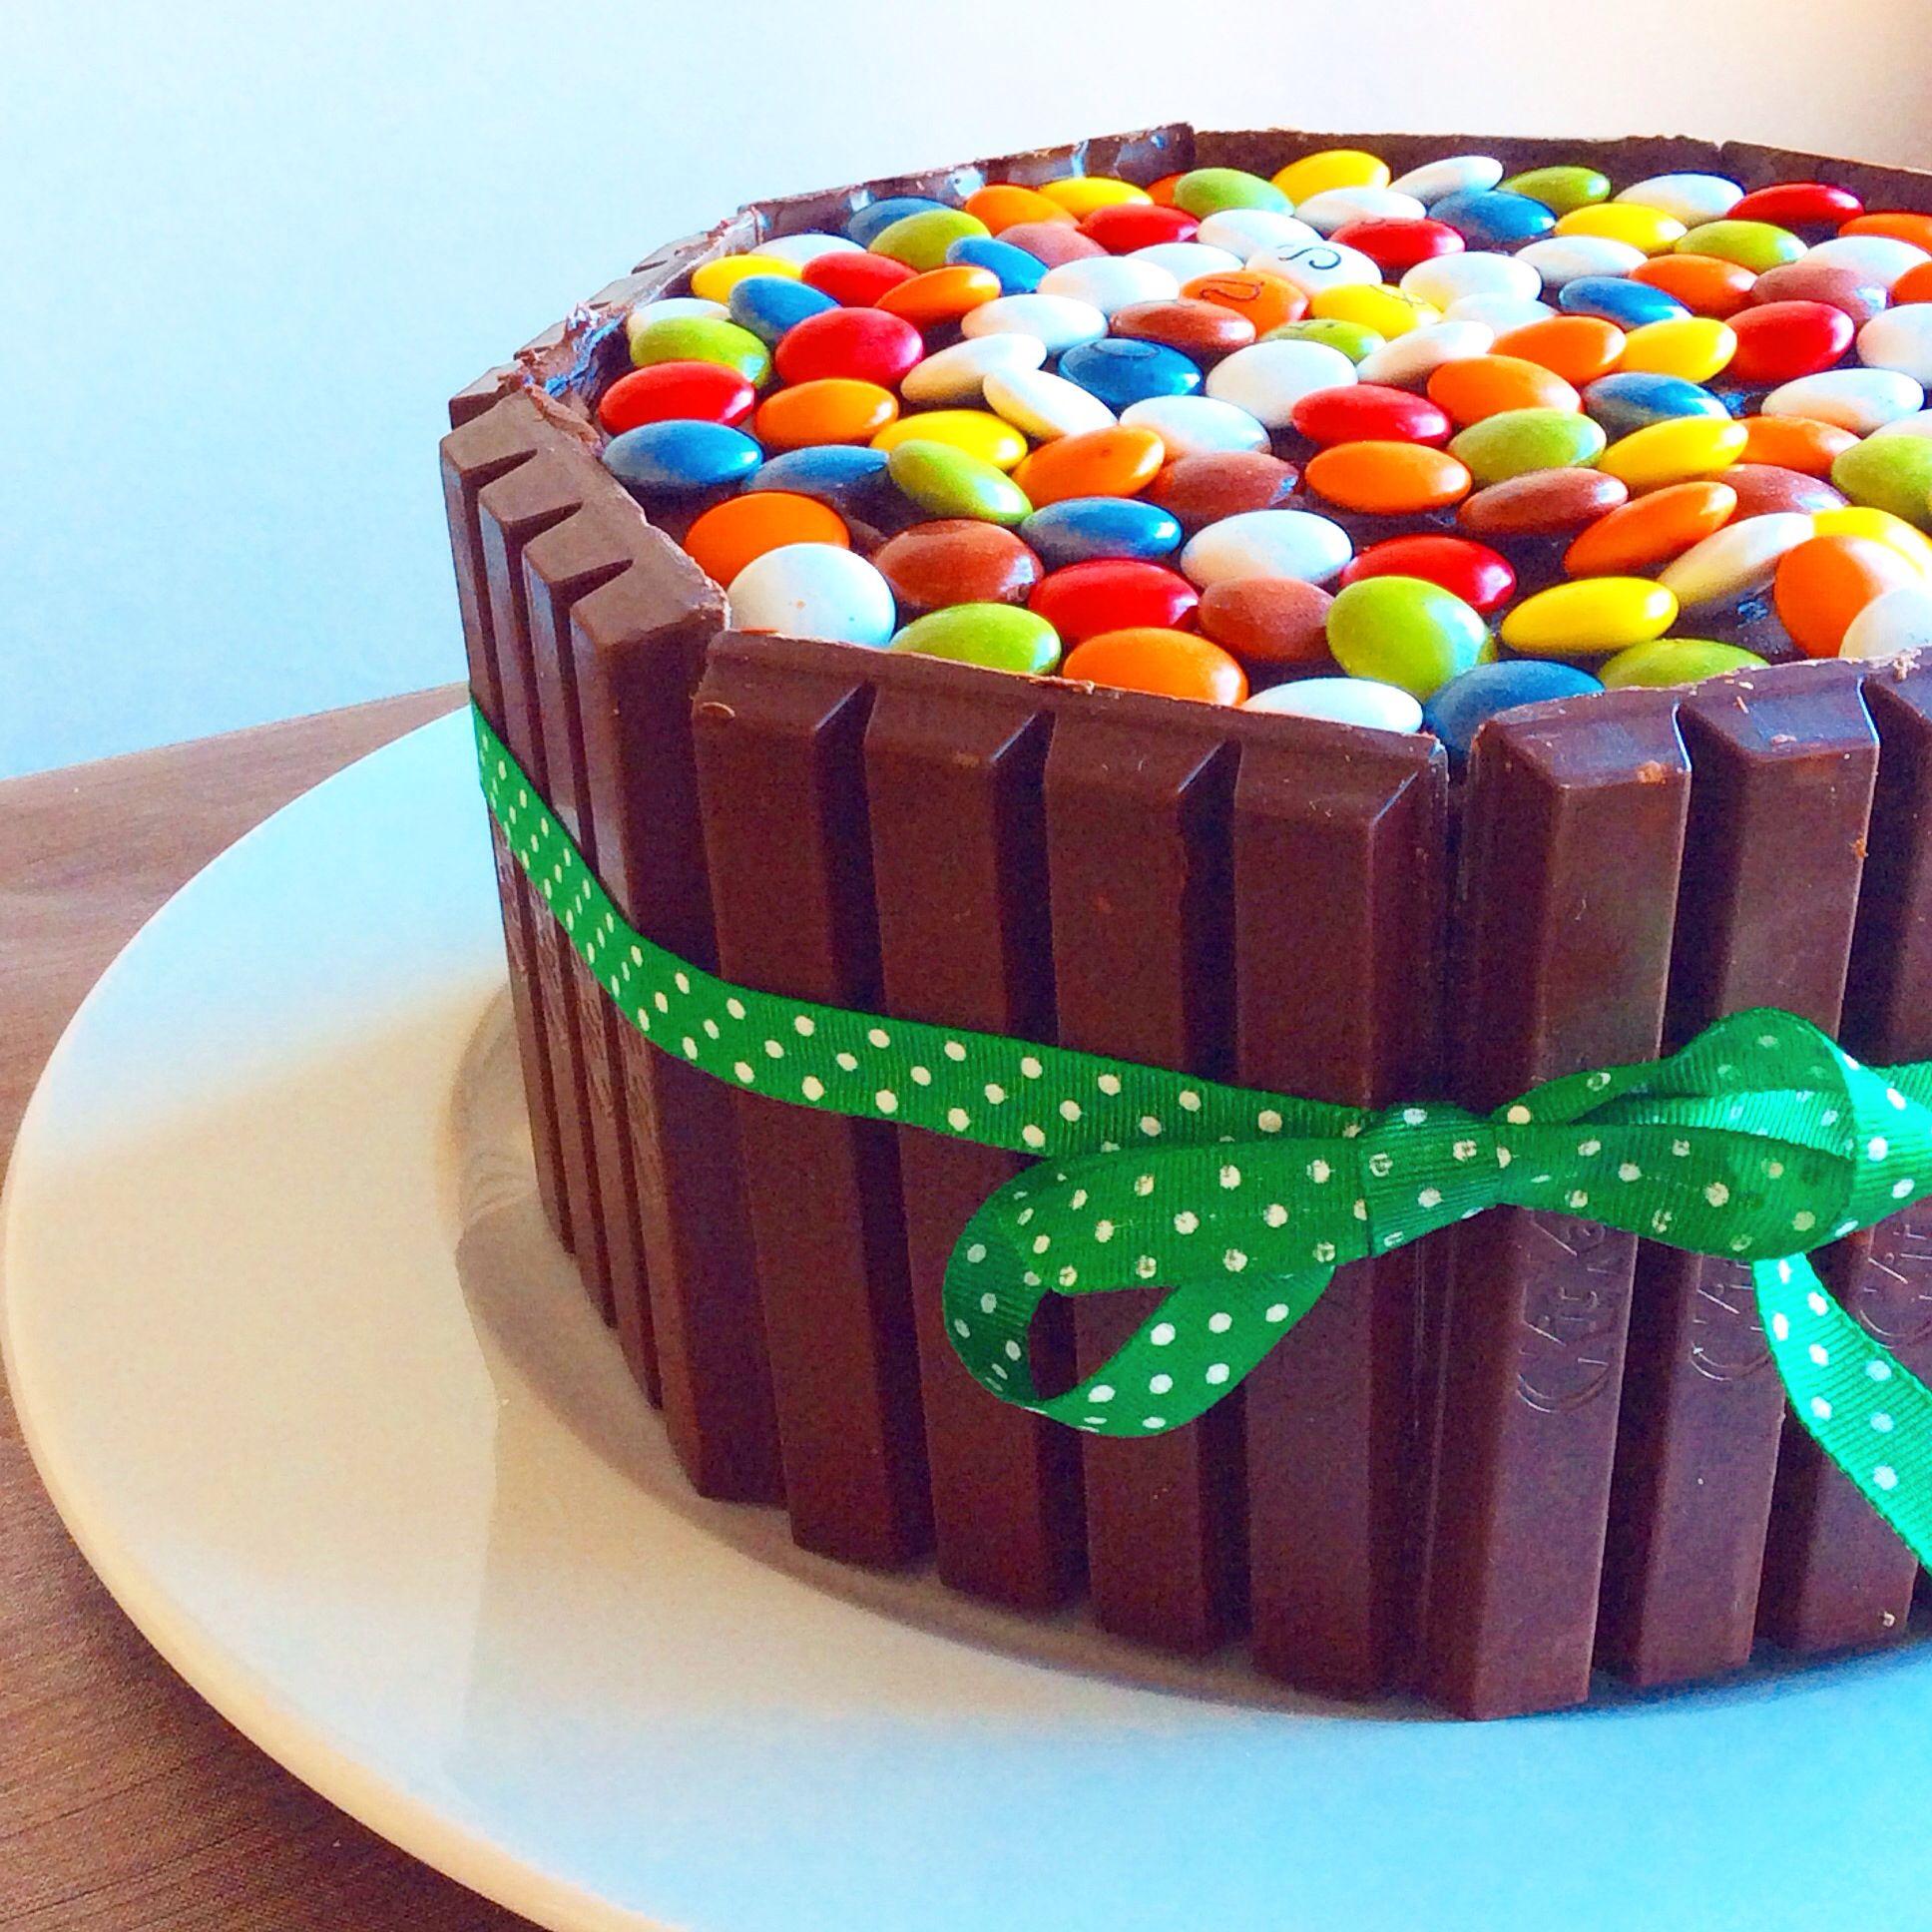 Kitkat and lacasitos cake. #homemade #cake #kitkat #lacasitos